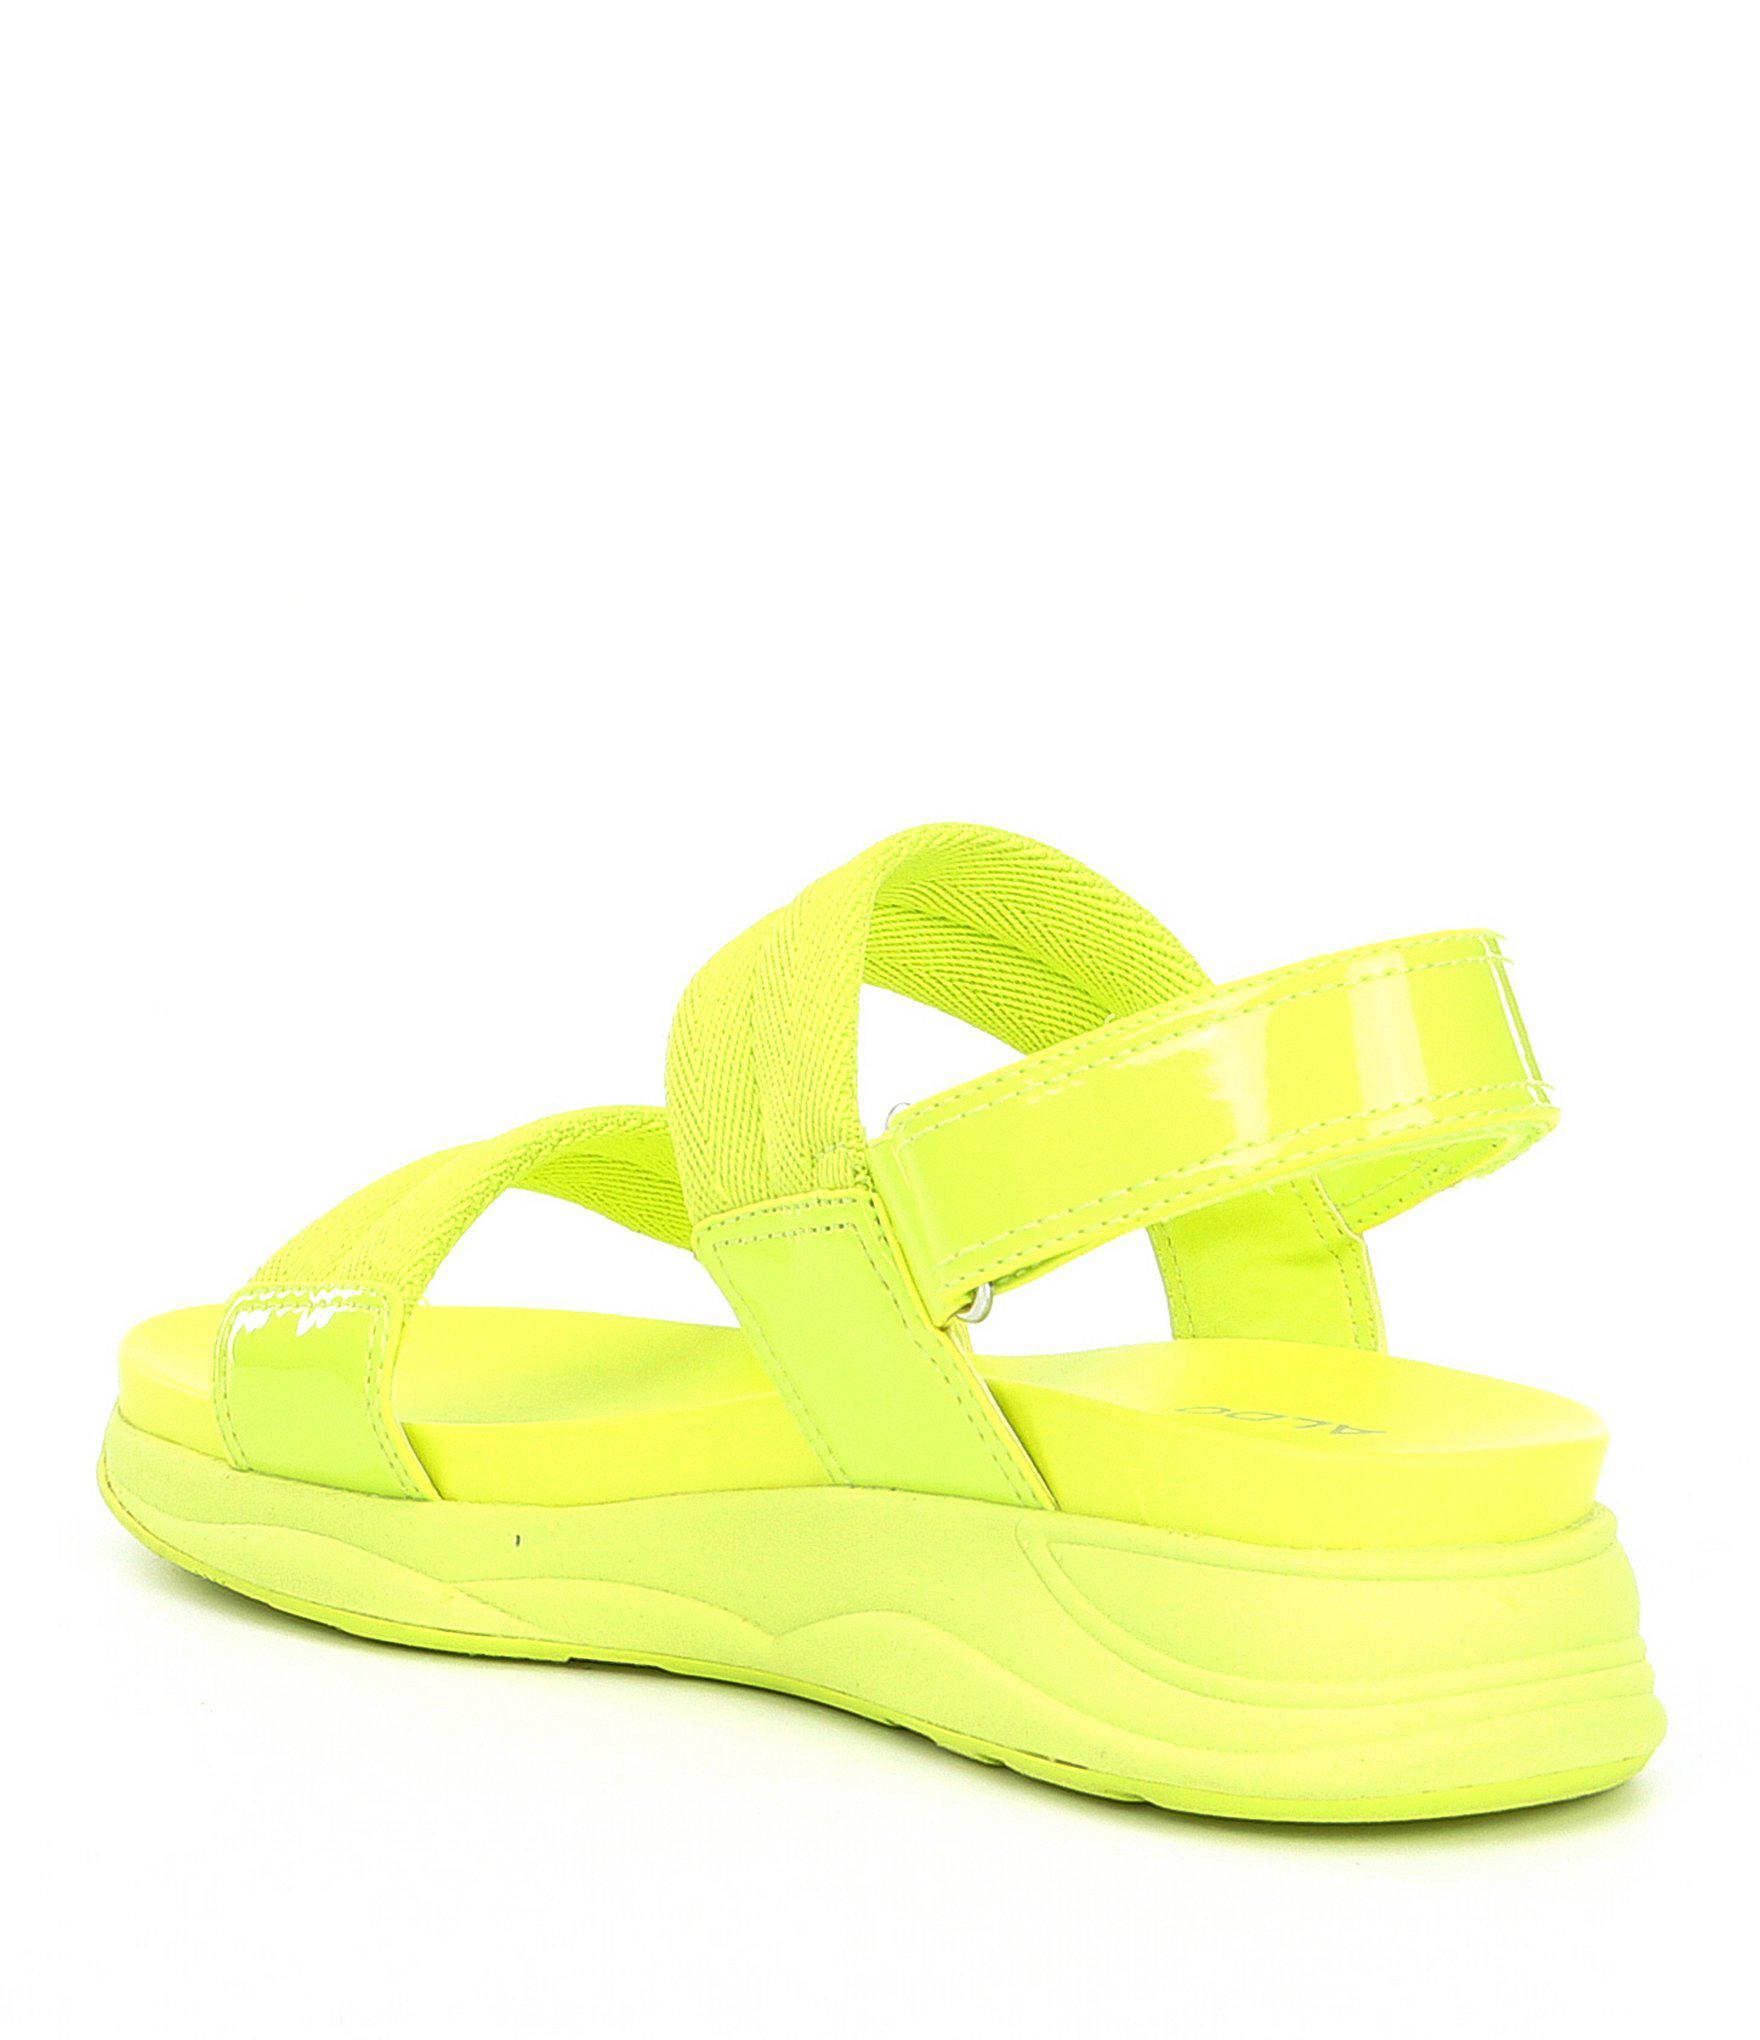 edf2a3ef93a2 Lyst - ALDO Eloima Wedge Sandals in Yellow